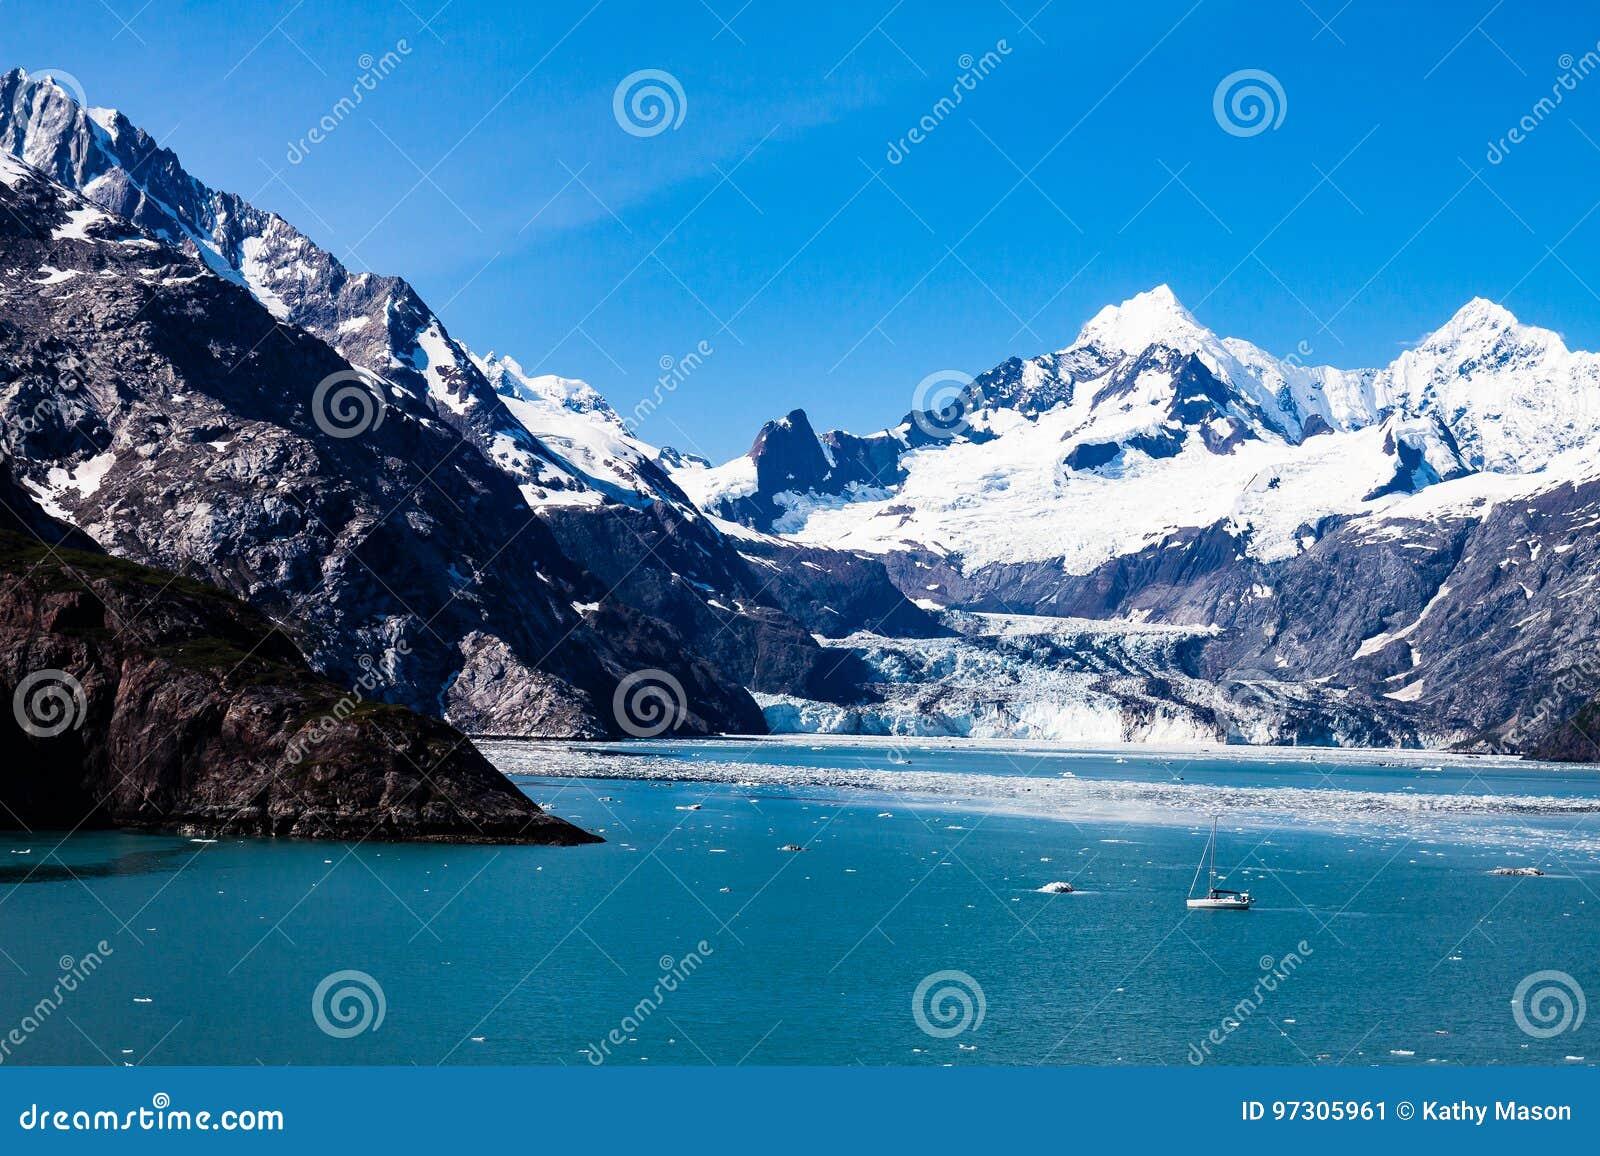 Glacier National park in Alaska